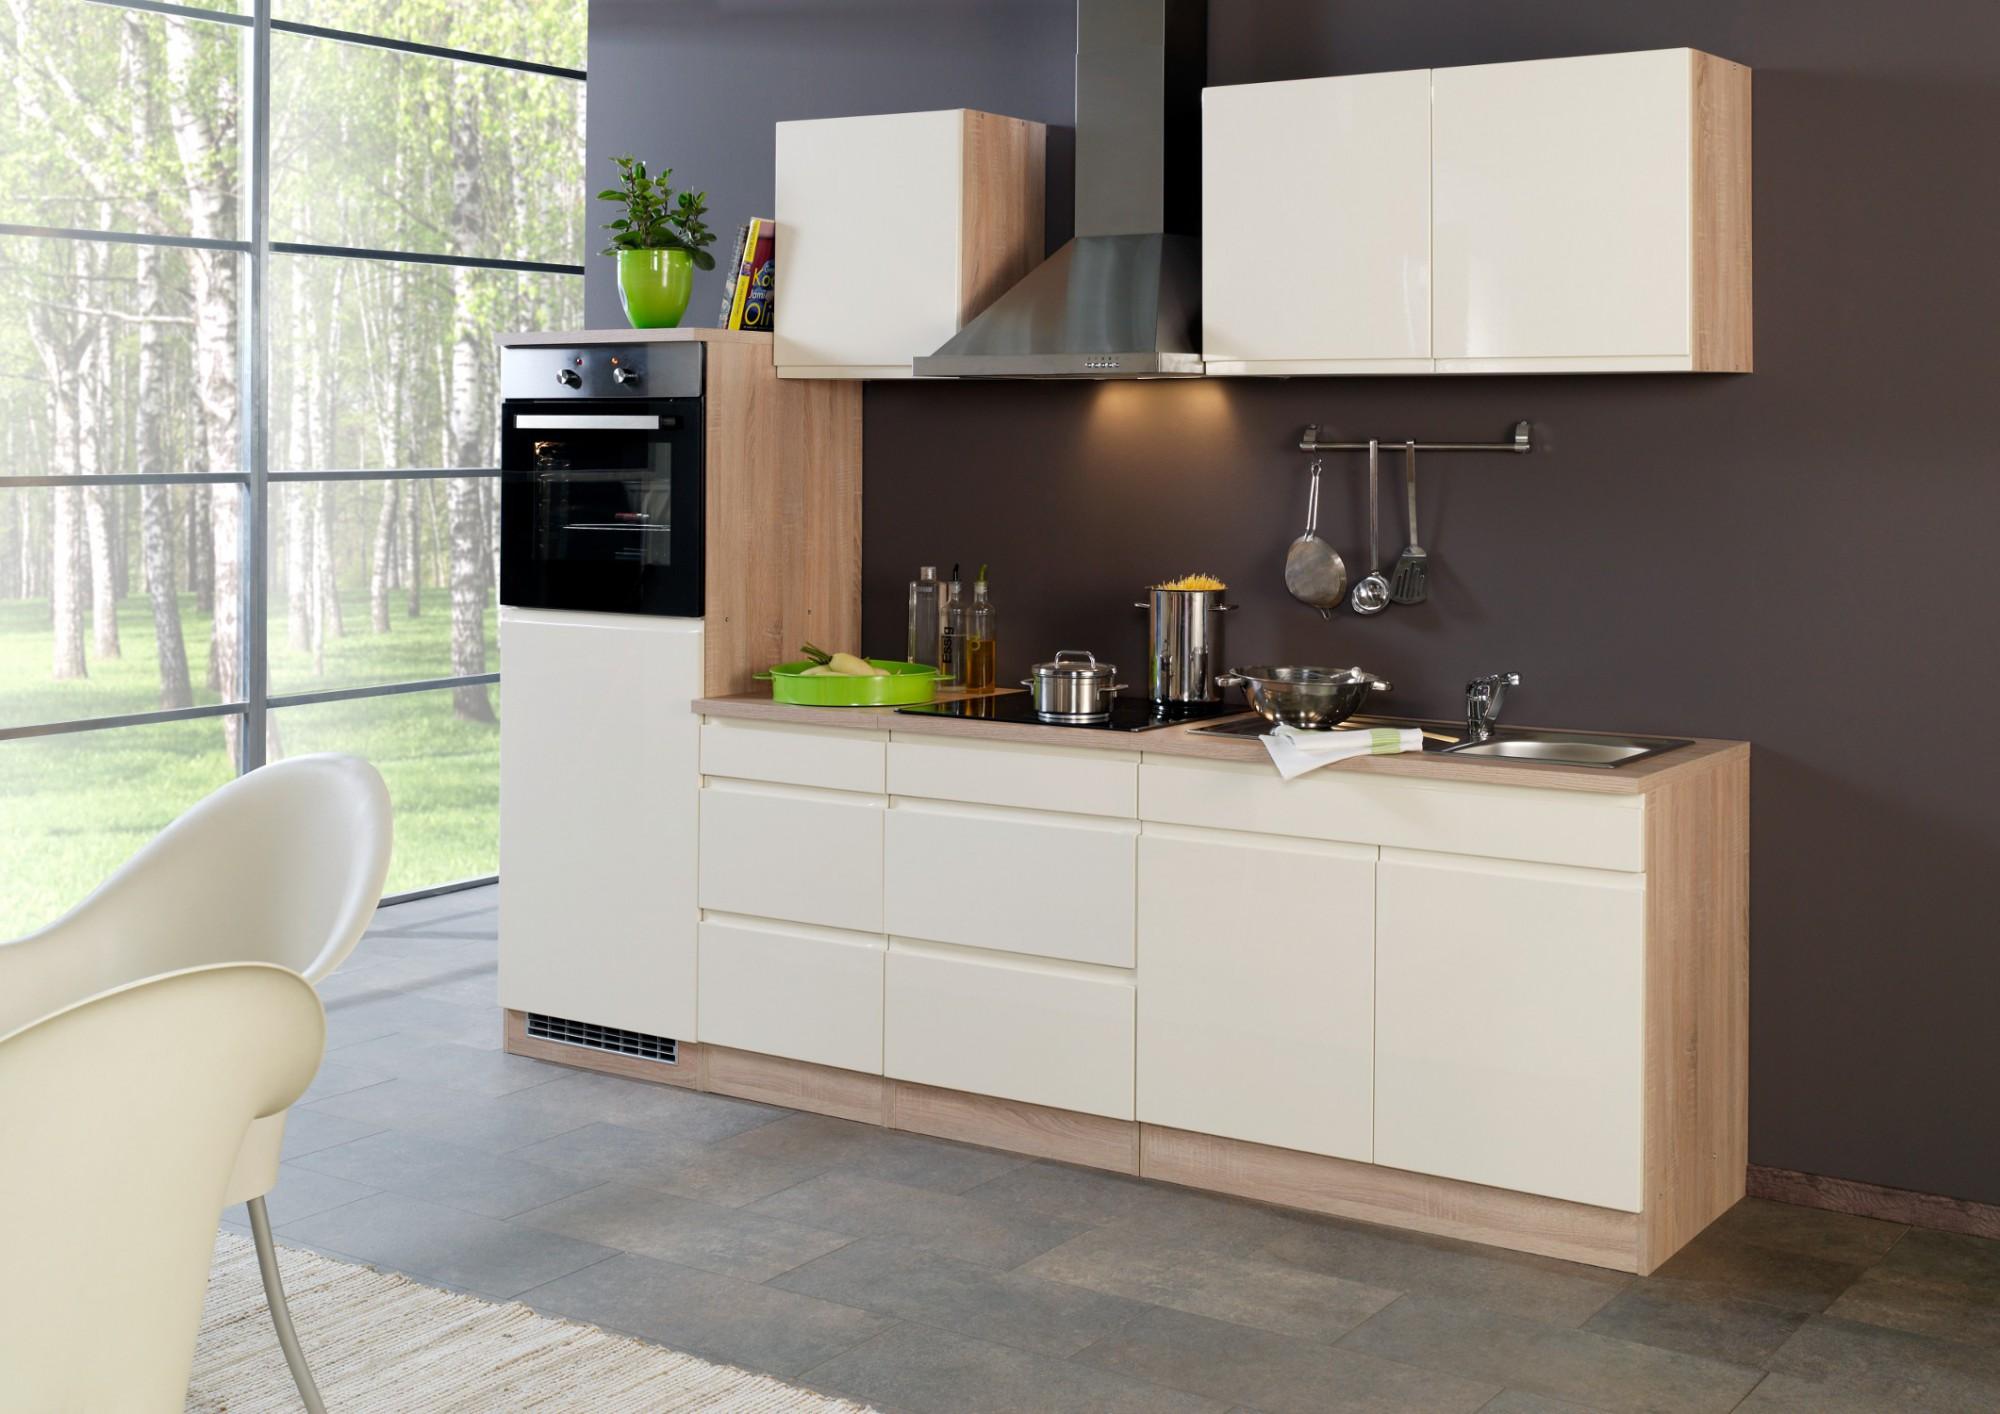 Full Size of Eckunterschrank Küche Mit Spüle Eckunterschrank Küche 80x80 Eckunterschrank Küche Schubladen Eckunterschrank Küche Alno Küche Eckunterschrank Küche